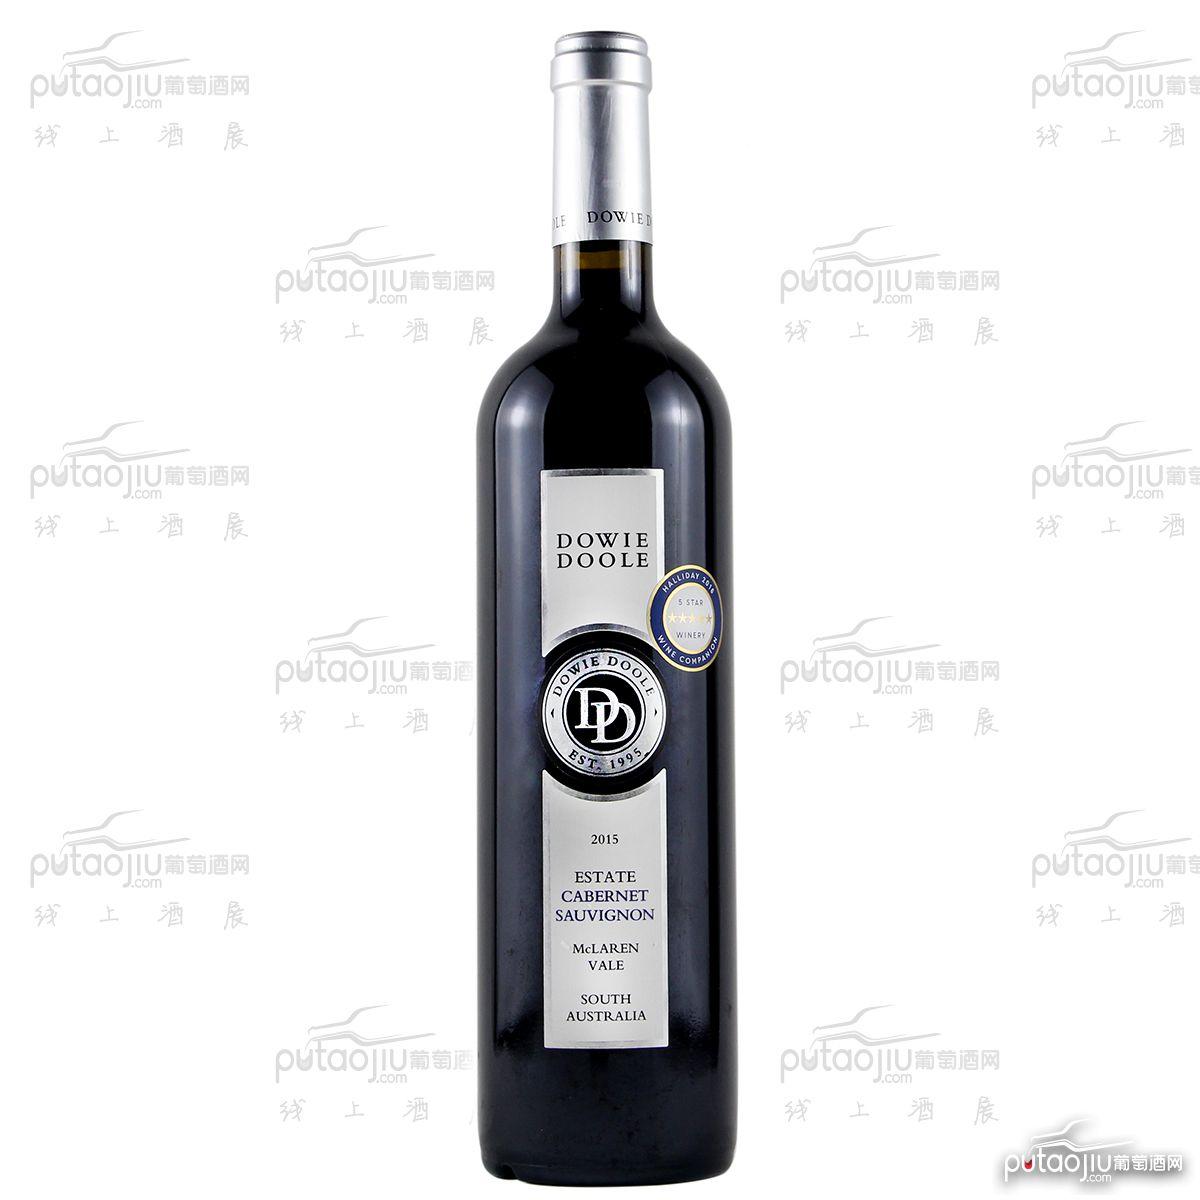 澳大利亚麦克拉伦谷产区都度庄园赤霞珠干红葡萄酒